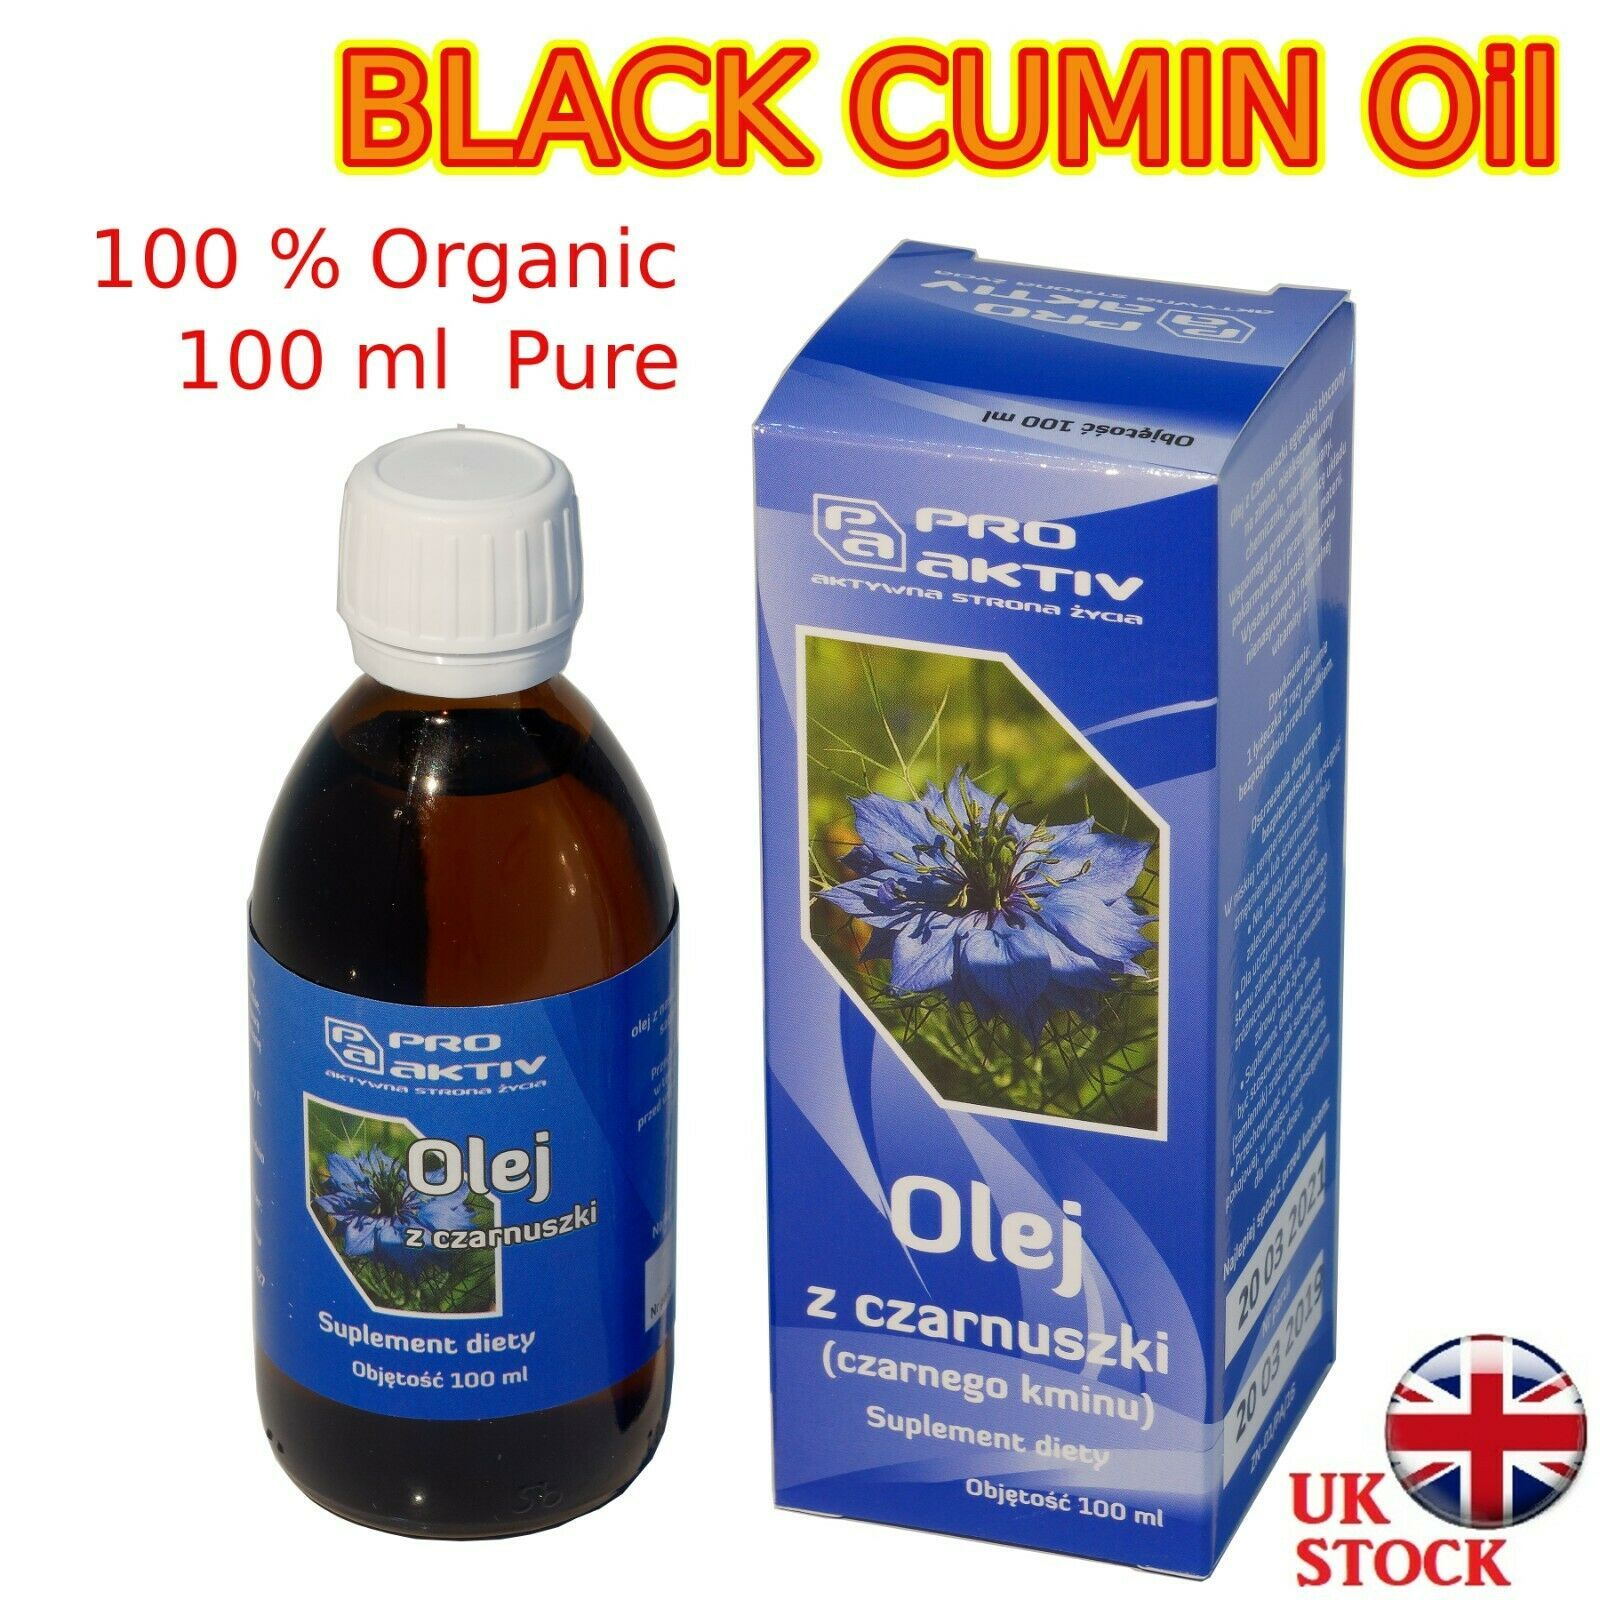 BLACK CUMIN OIL 100ml Natural Unrefined Cold Pressed 100% Pure Olej z Czarnuszki - $15.39